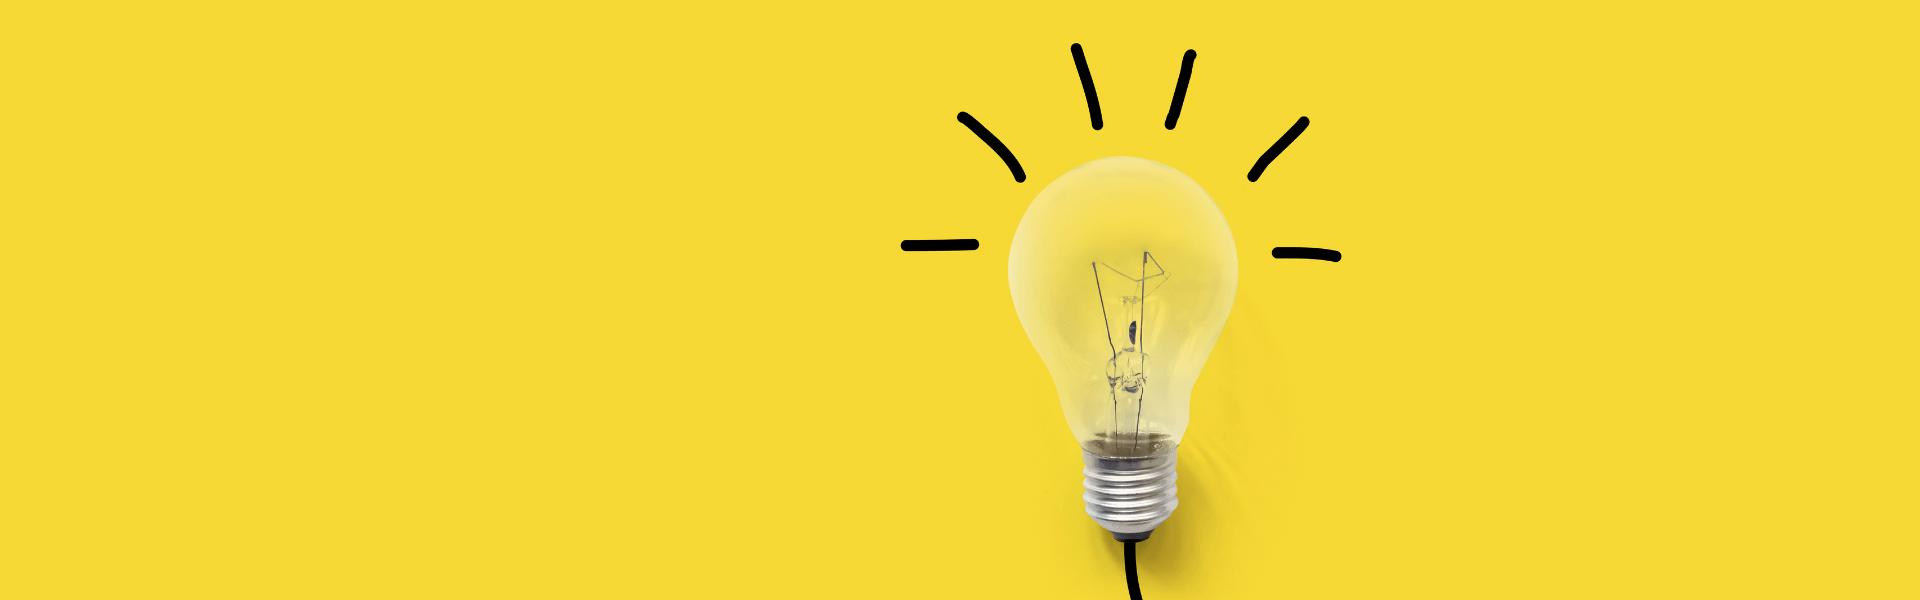 「新しいアイデアを生み出すためにーデザイン思考のアクティビティをご紹介!」のアイキャッチ画像